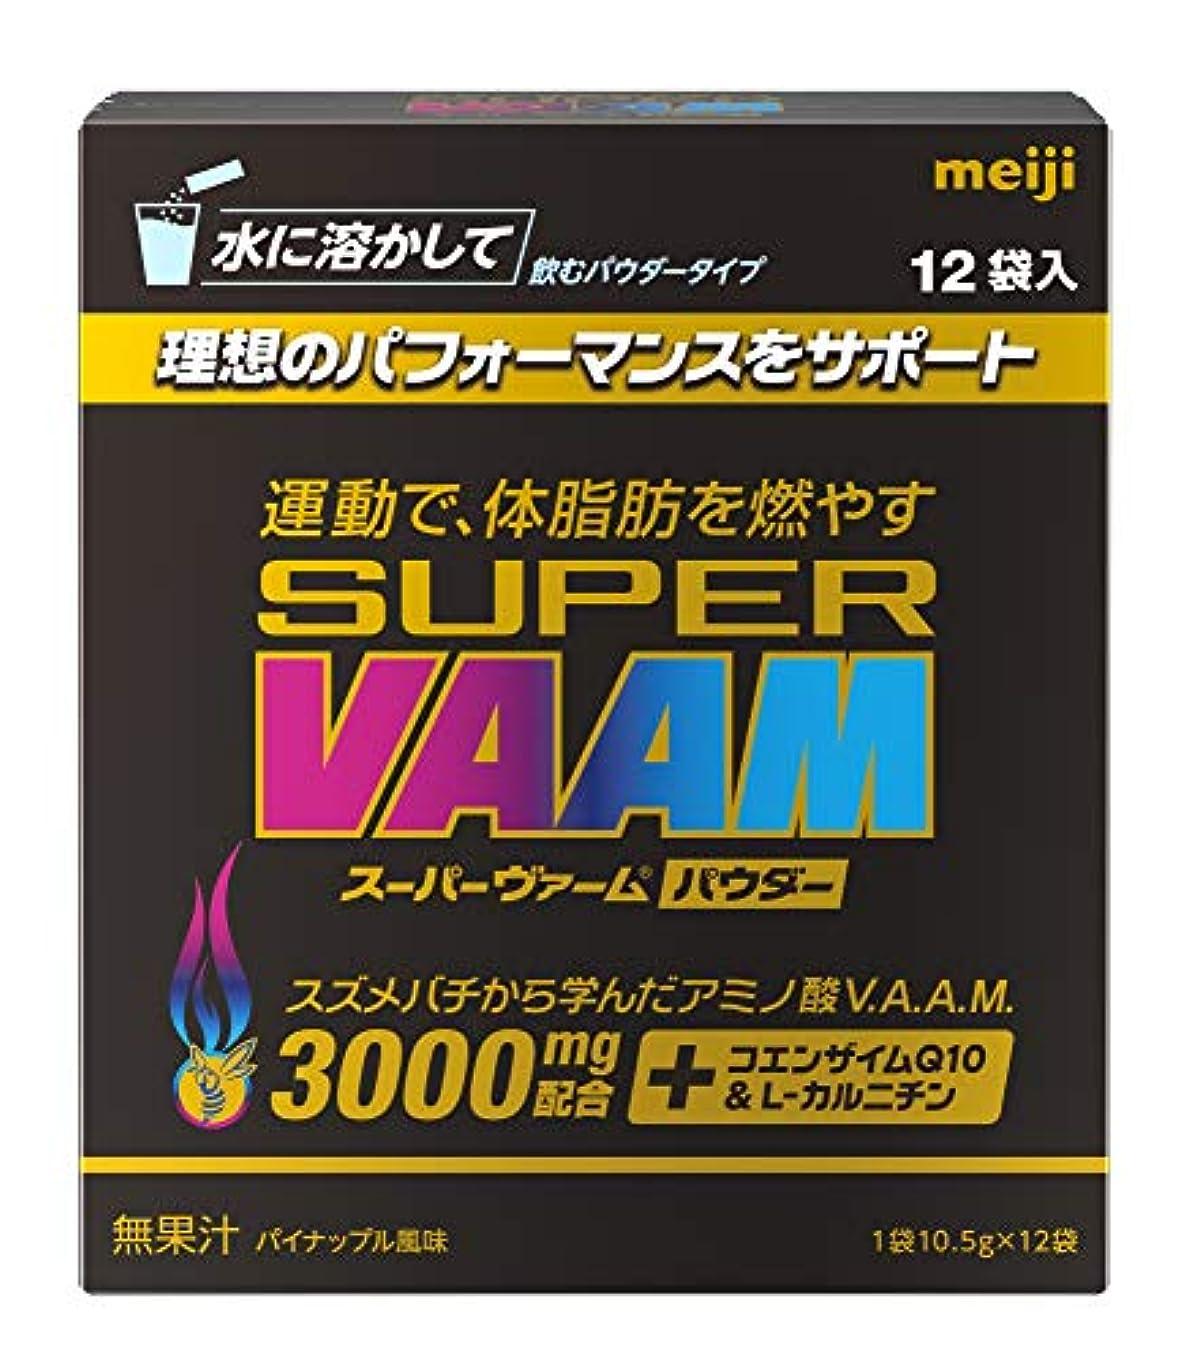 ブレイズ強化する繊細明治 スーパーヴァームパウダー パイナップル味 10.5g×12袋